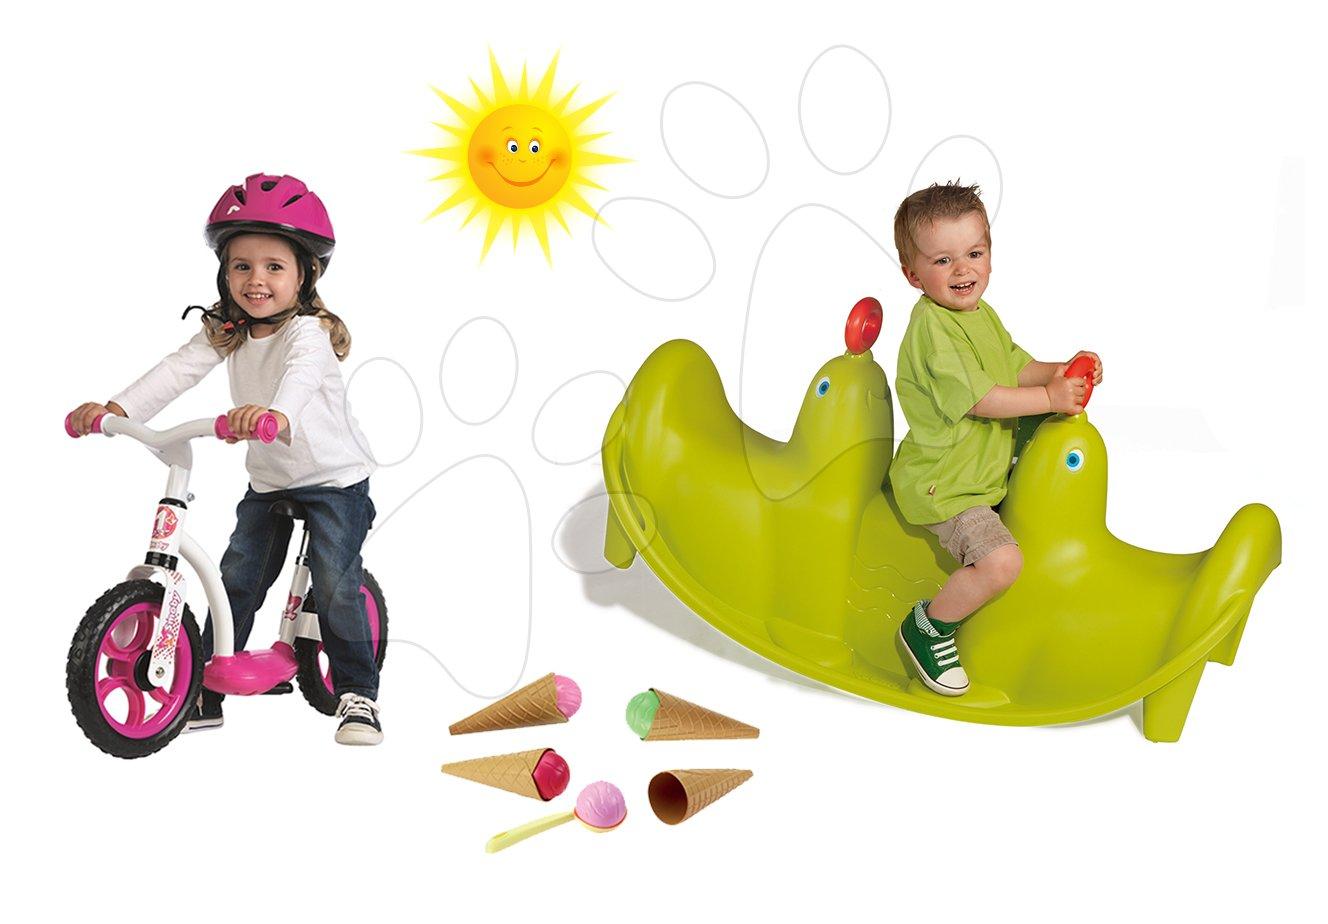 Set houpačka Tuleň Smoby oboustranná s vodotryskem a balanční odrážedlo Learning Bike a zmrzlina s kornoutem